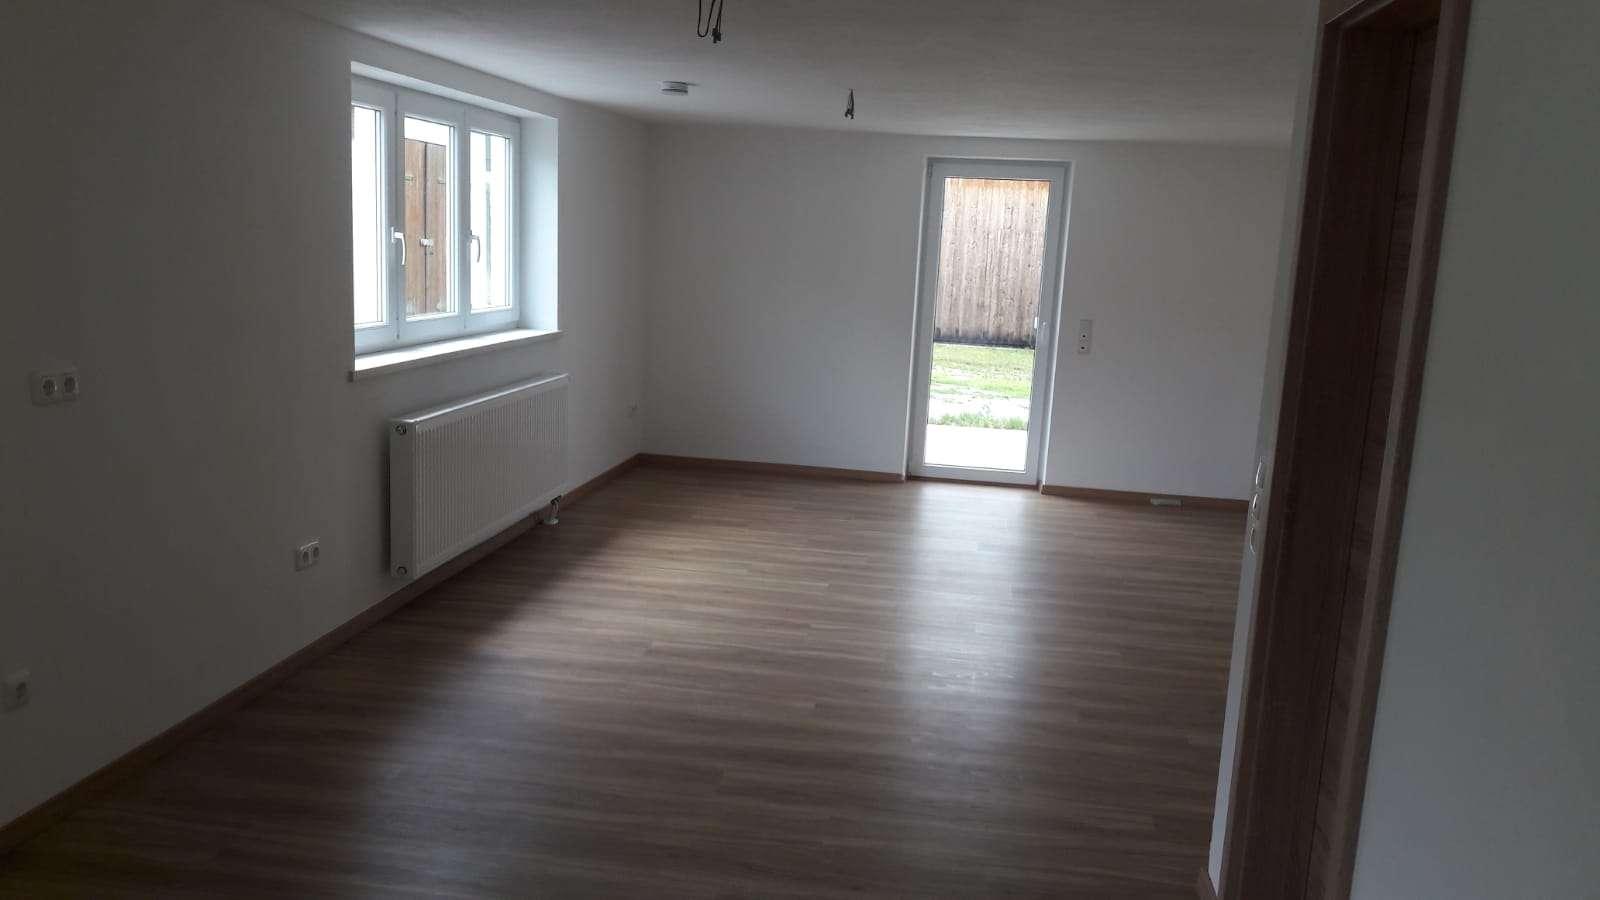 Schöne fünf Zimmer Wohnung in Maisach, Lkr. Fürstenfeldbruck